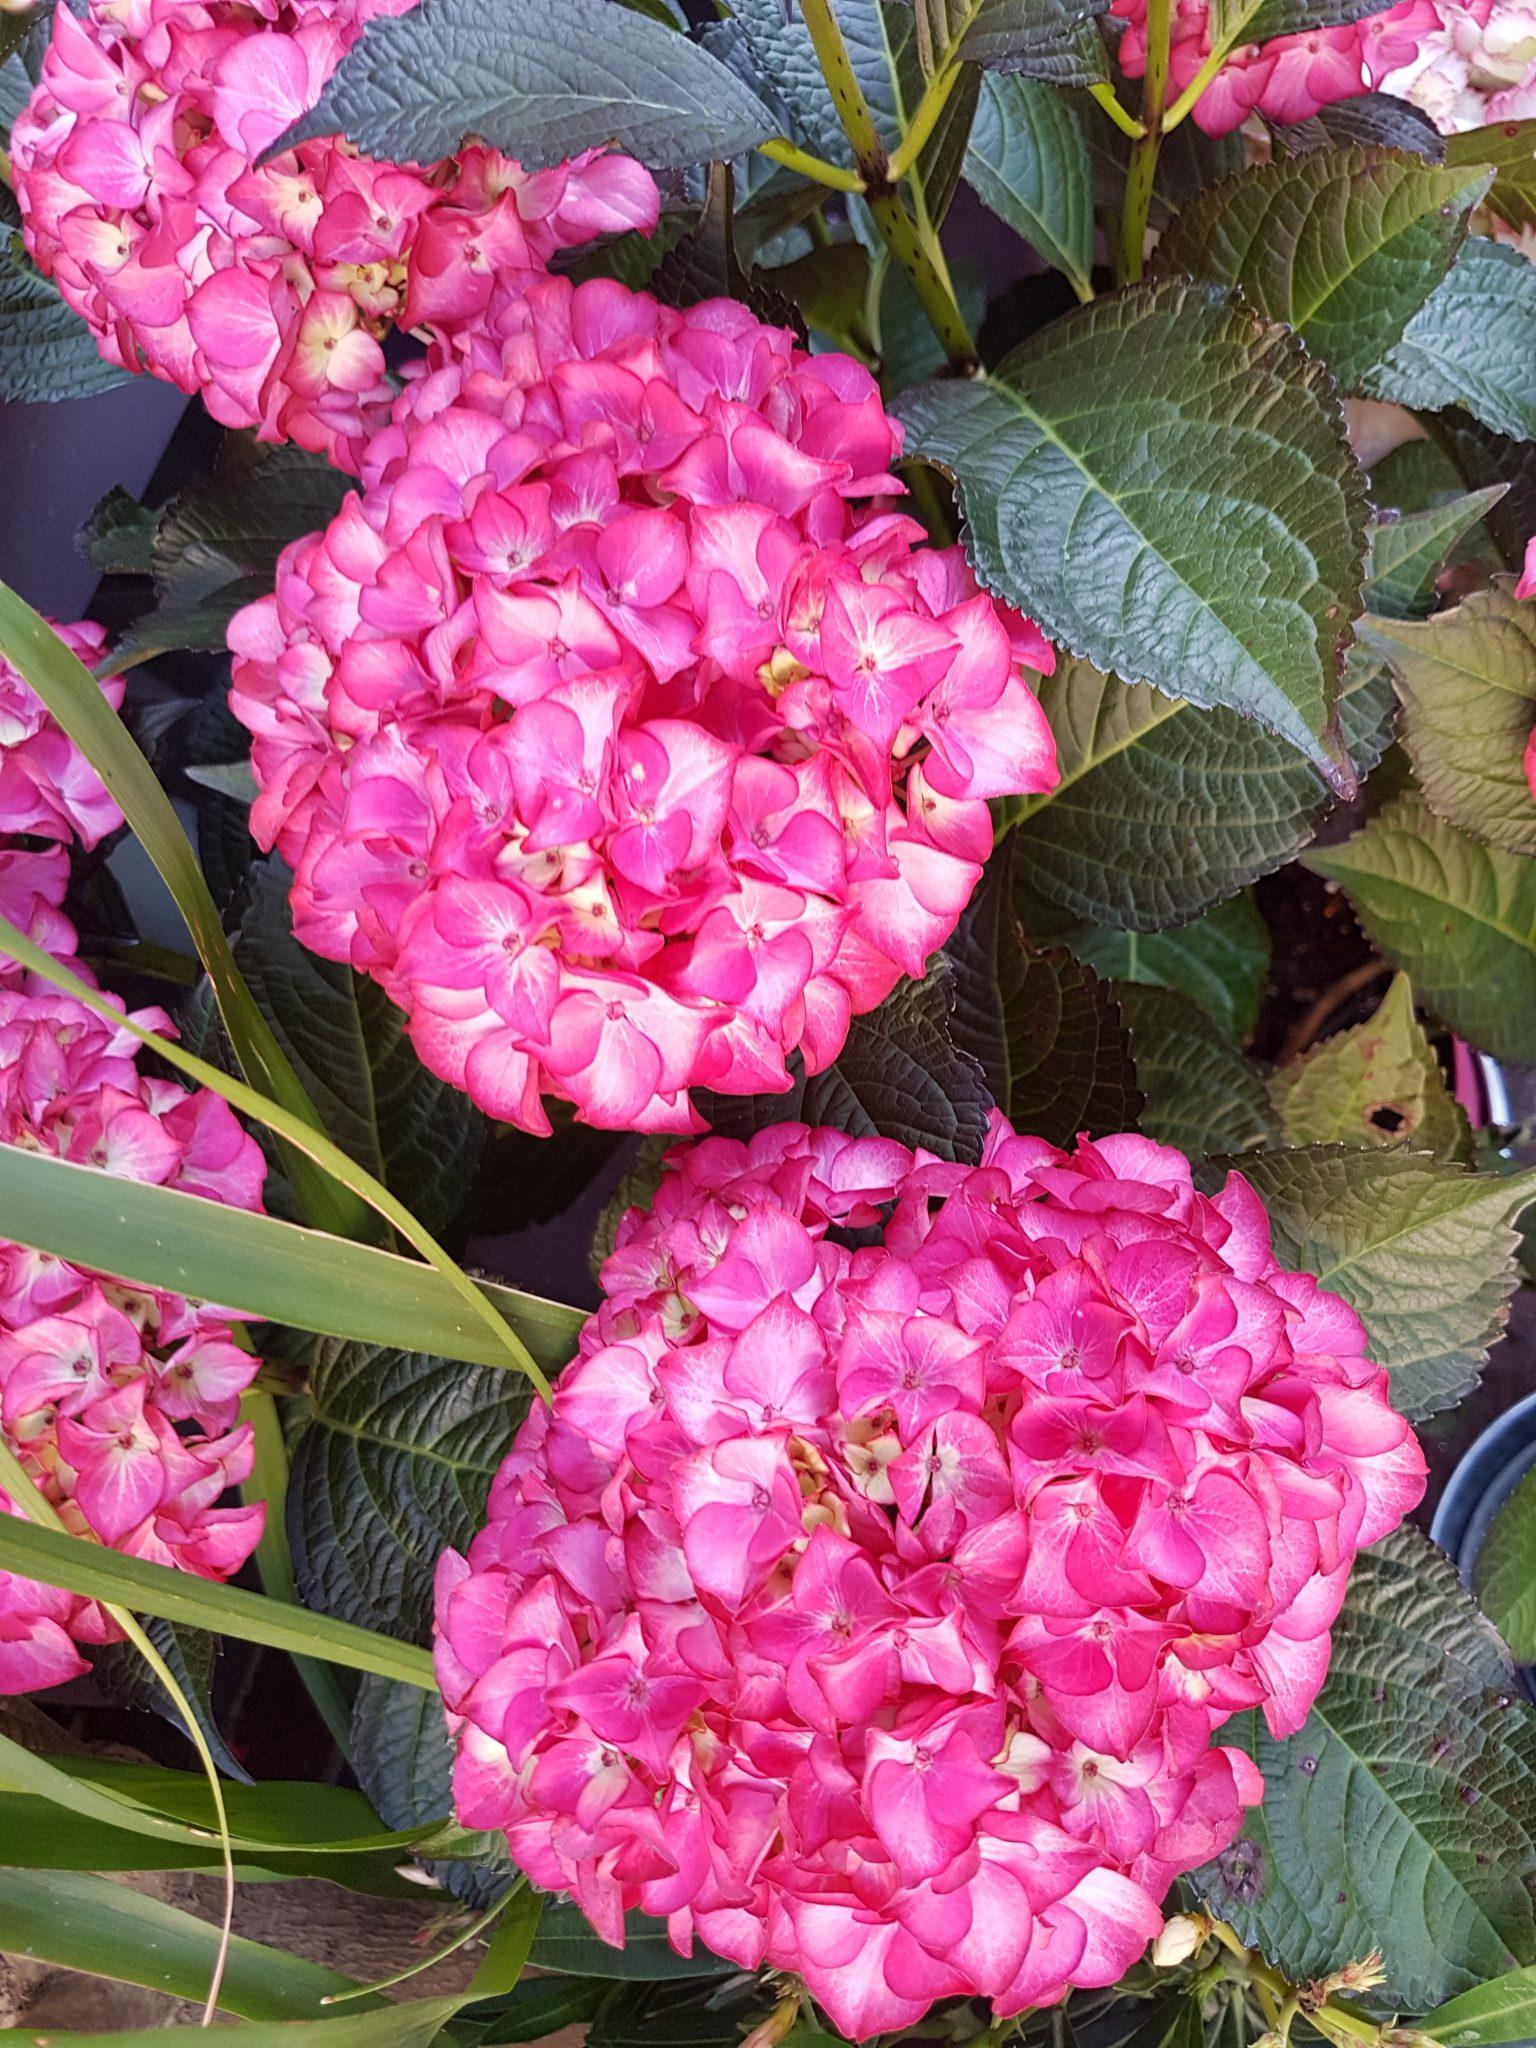 Arrivage d'hortensias ce weekend à la boutique !  Je vous ai trouvé de belles variétés aux pompons bien dodus !... [https://www.mariedanede.fr/blog/arrivages/arrivage-hortensias-30-mai-2020/]